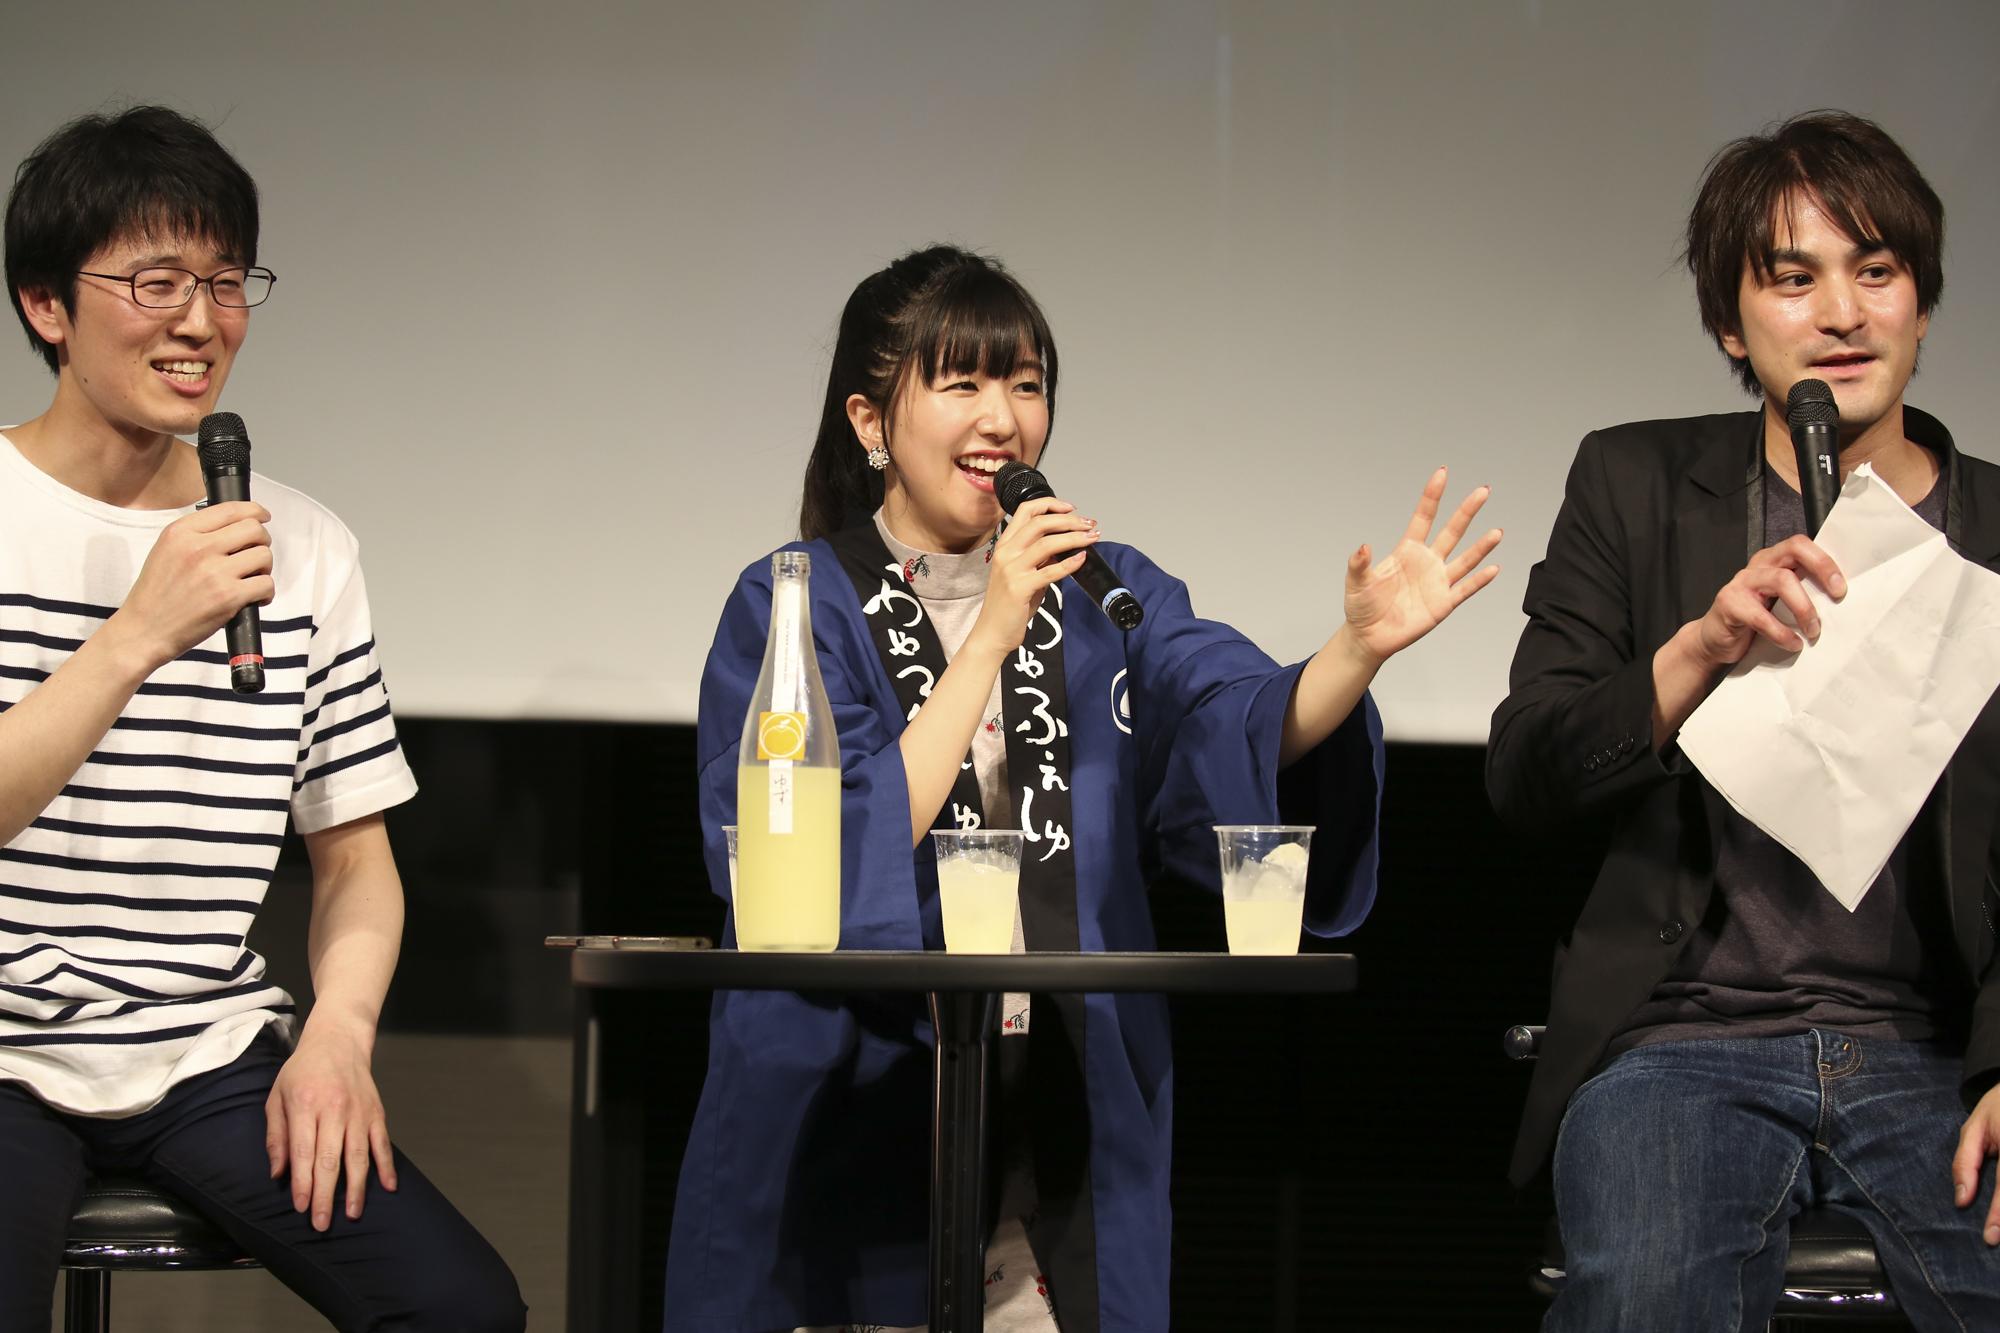 ▲左から江崎正尚マネージャー、茅野愛衣さん、長谷憲プロデューサー